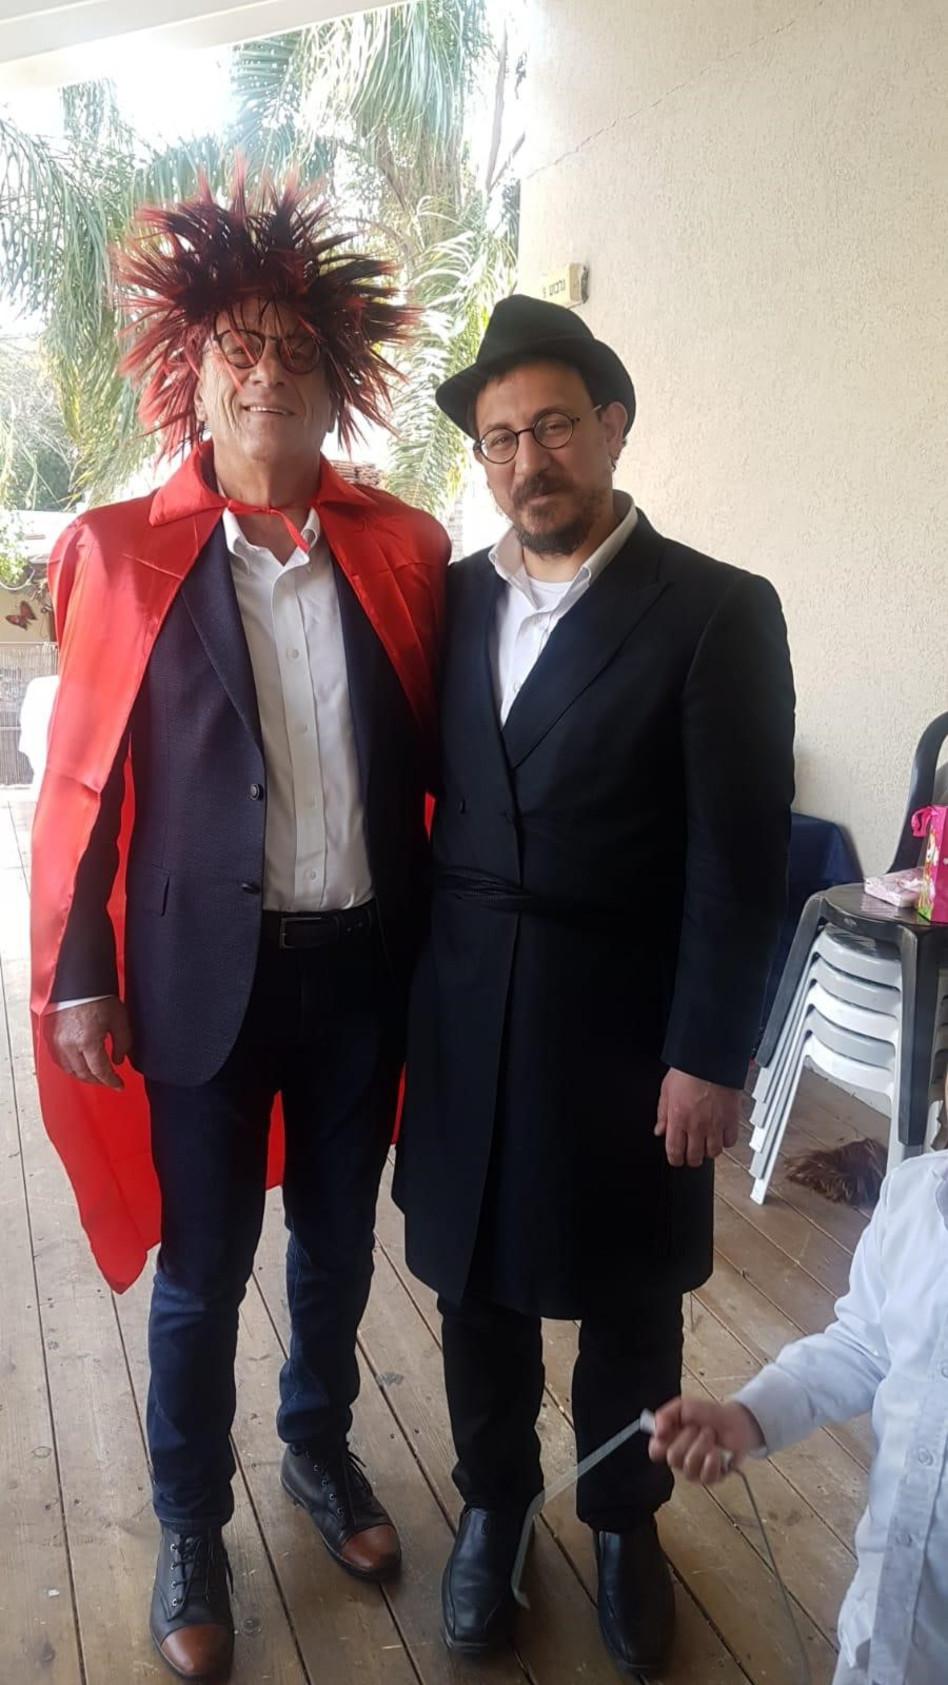 יצחק נוימן ונחום פינברג (צלם: טל שובל)